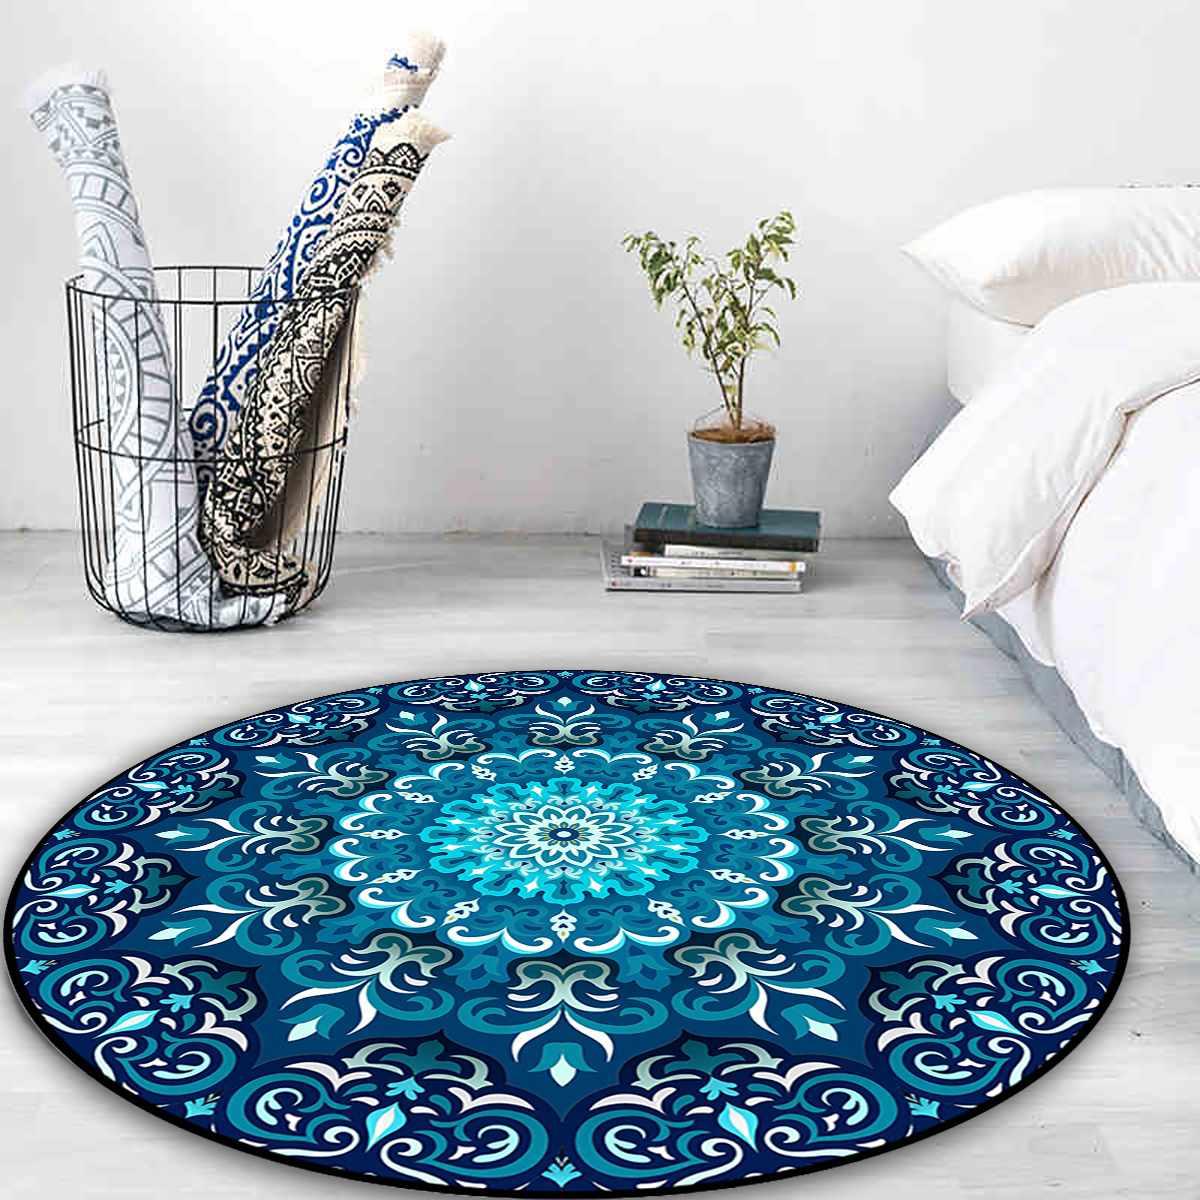 Mandala indiano redondo tapete quarto estilo boho algodão mão tecido nacional clássico tapeçaria sofá almofada tatami tapetes